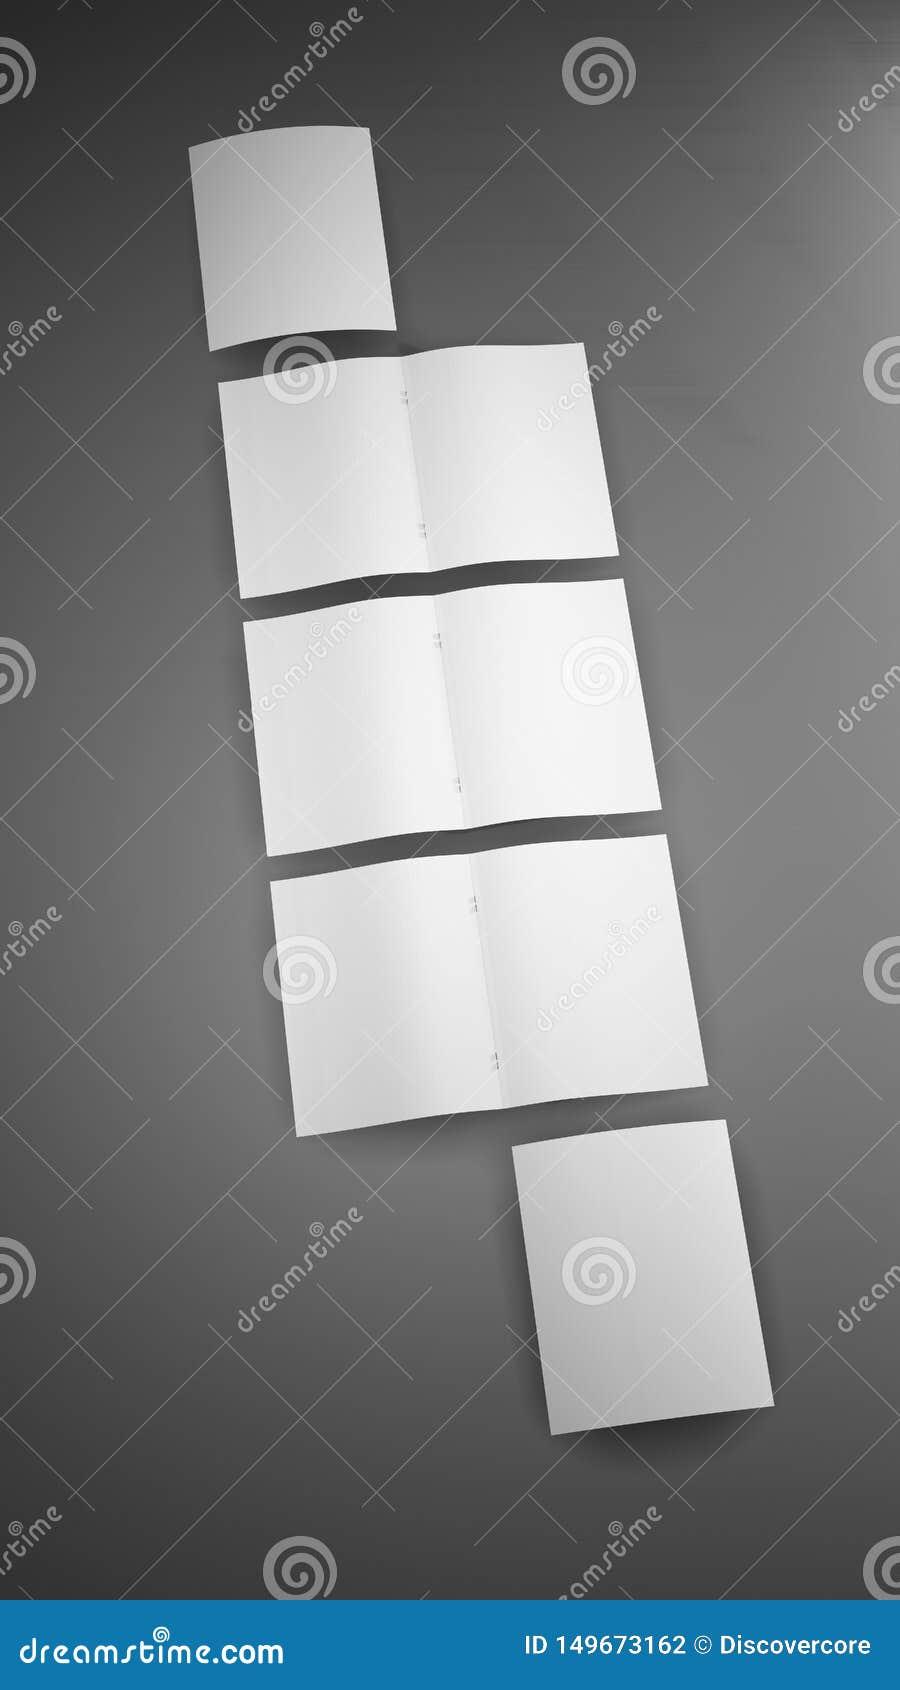 Plan-Modell-Schablone des Betäubungs-freien Raumes 8-seitige flache